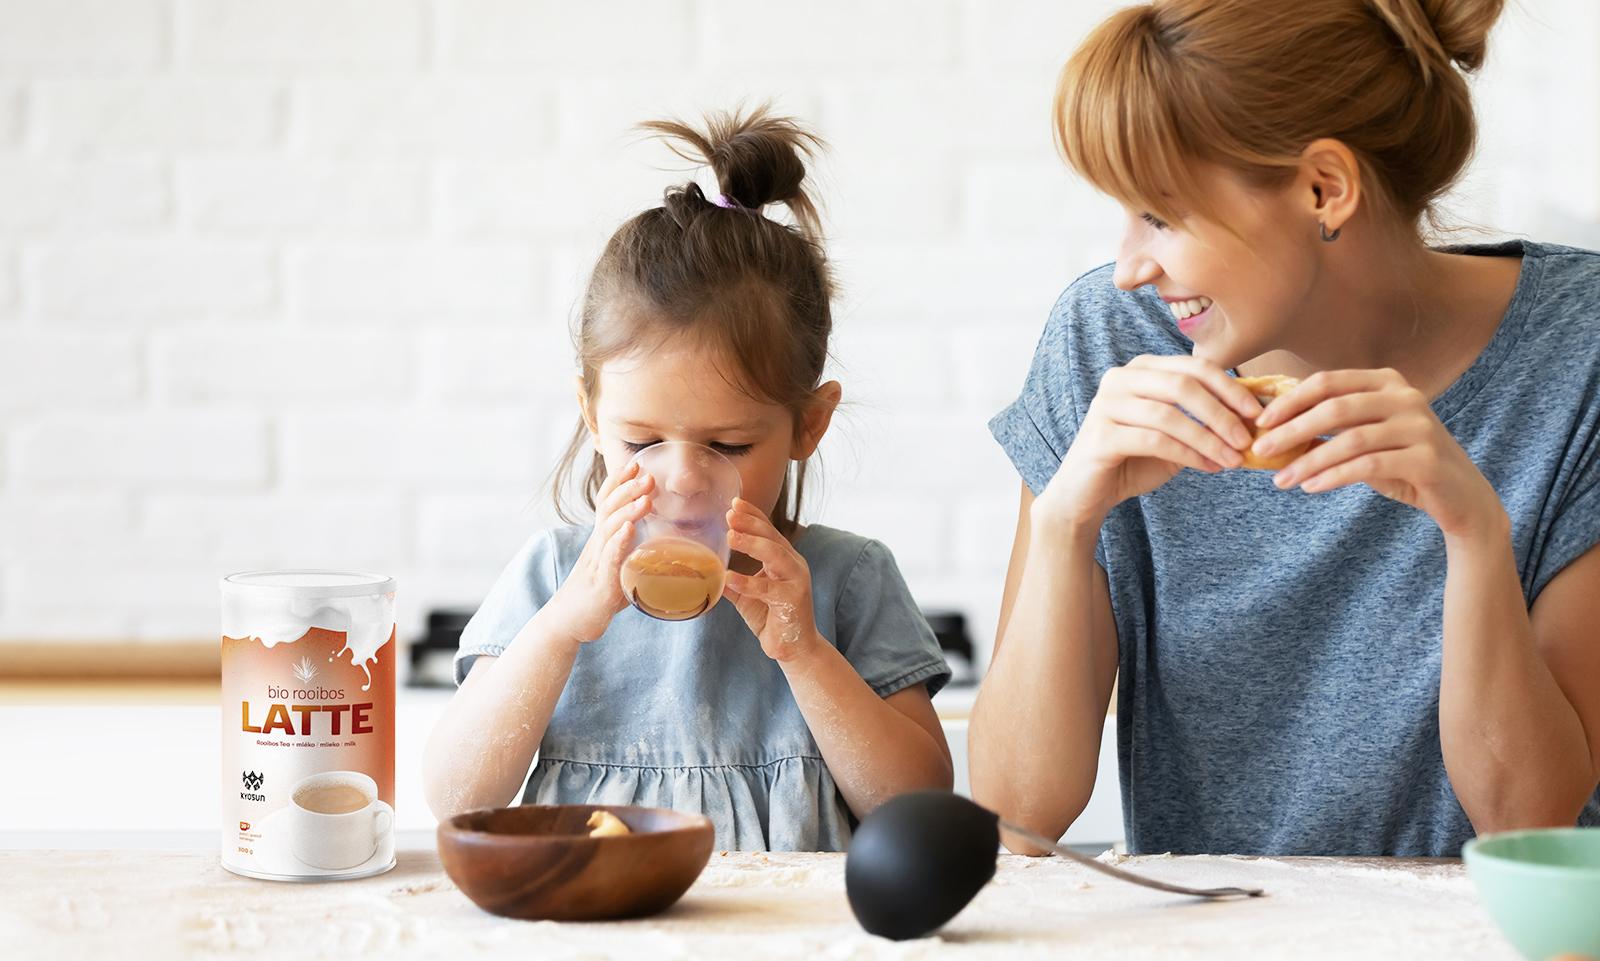 rooibos-latte-deti